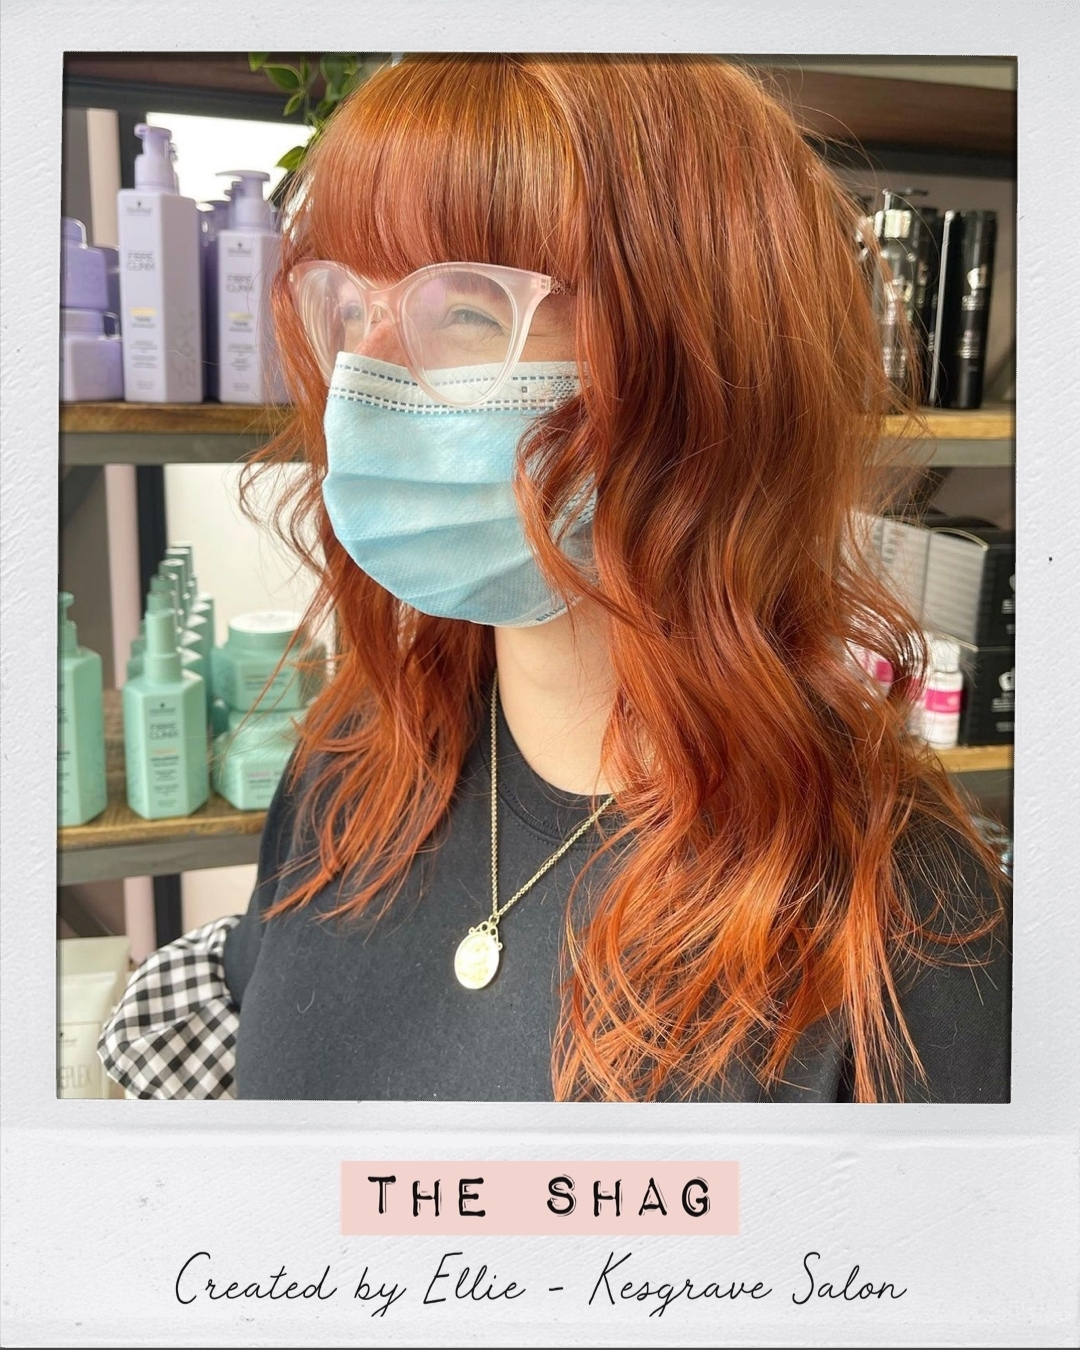 Shag Haircut Hair Ministry Ipswich